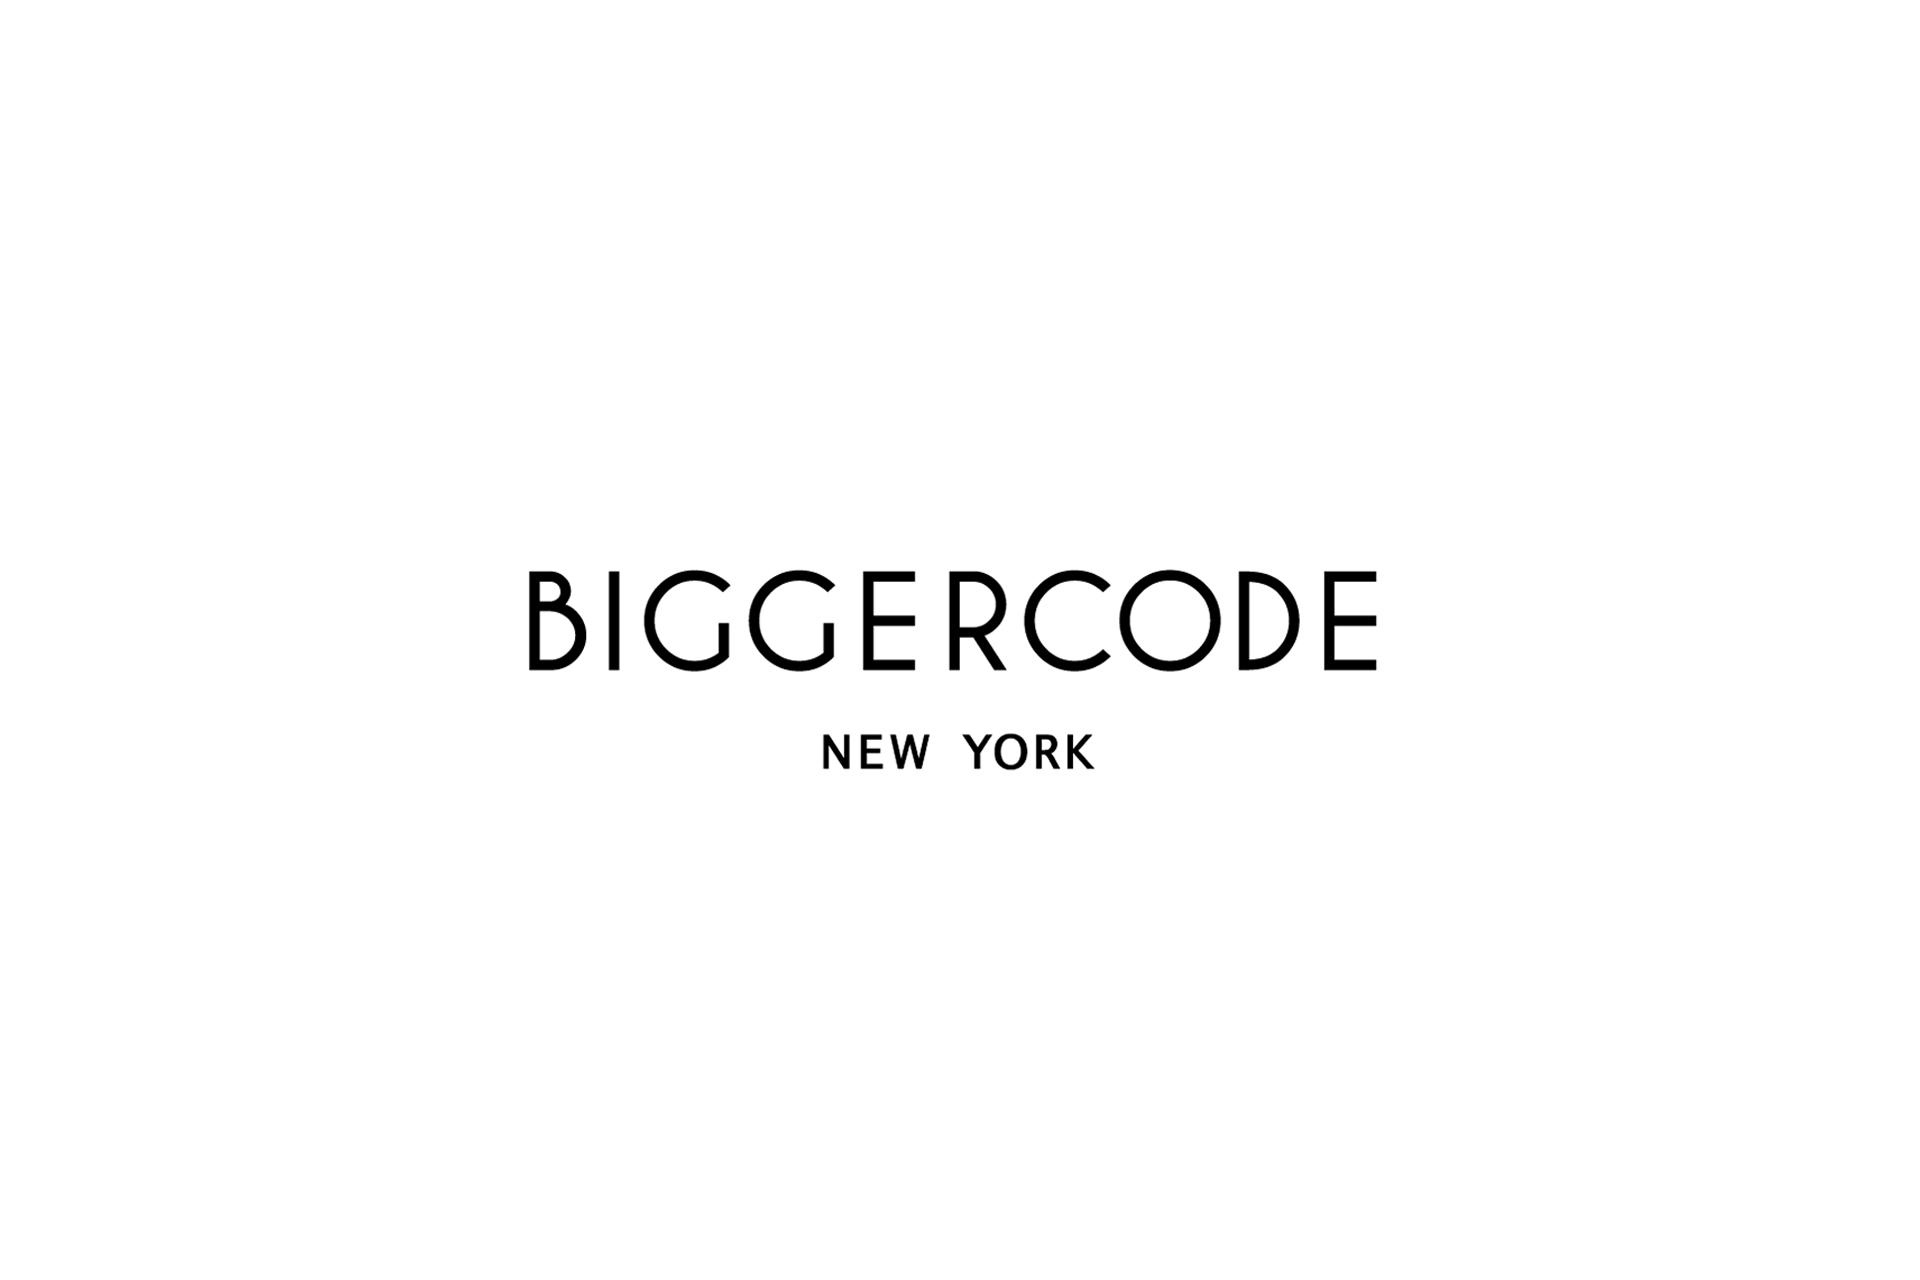 Biggercode_Overice1.jpg